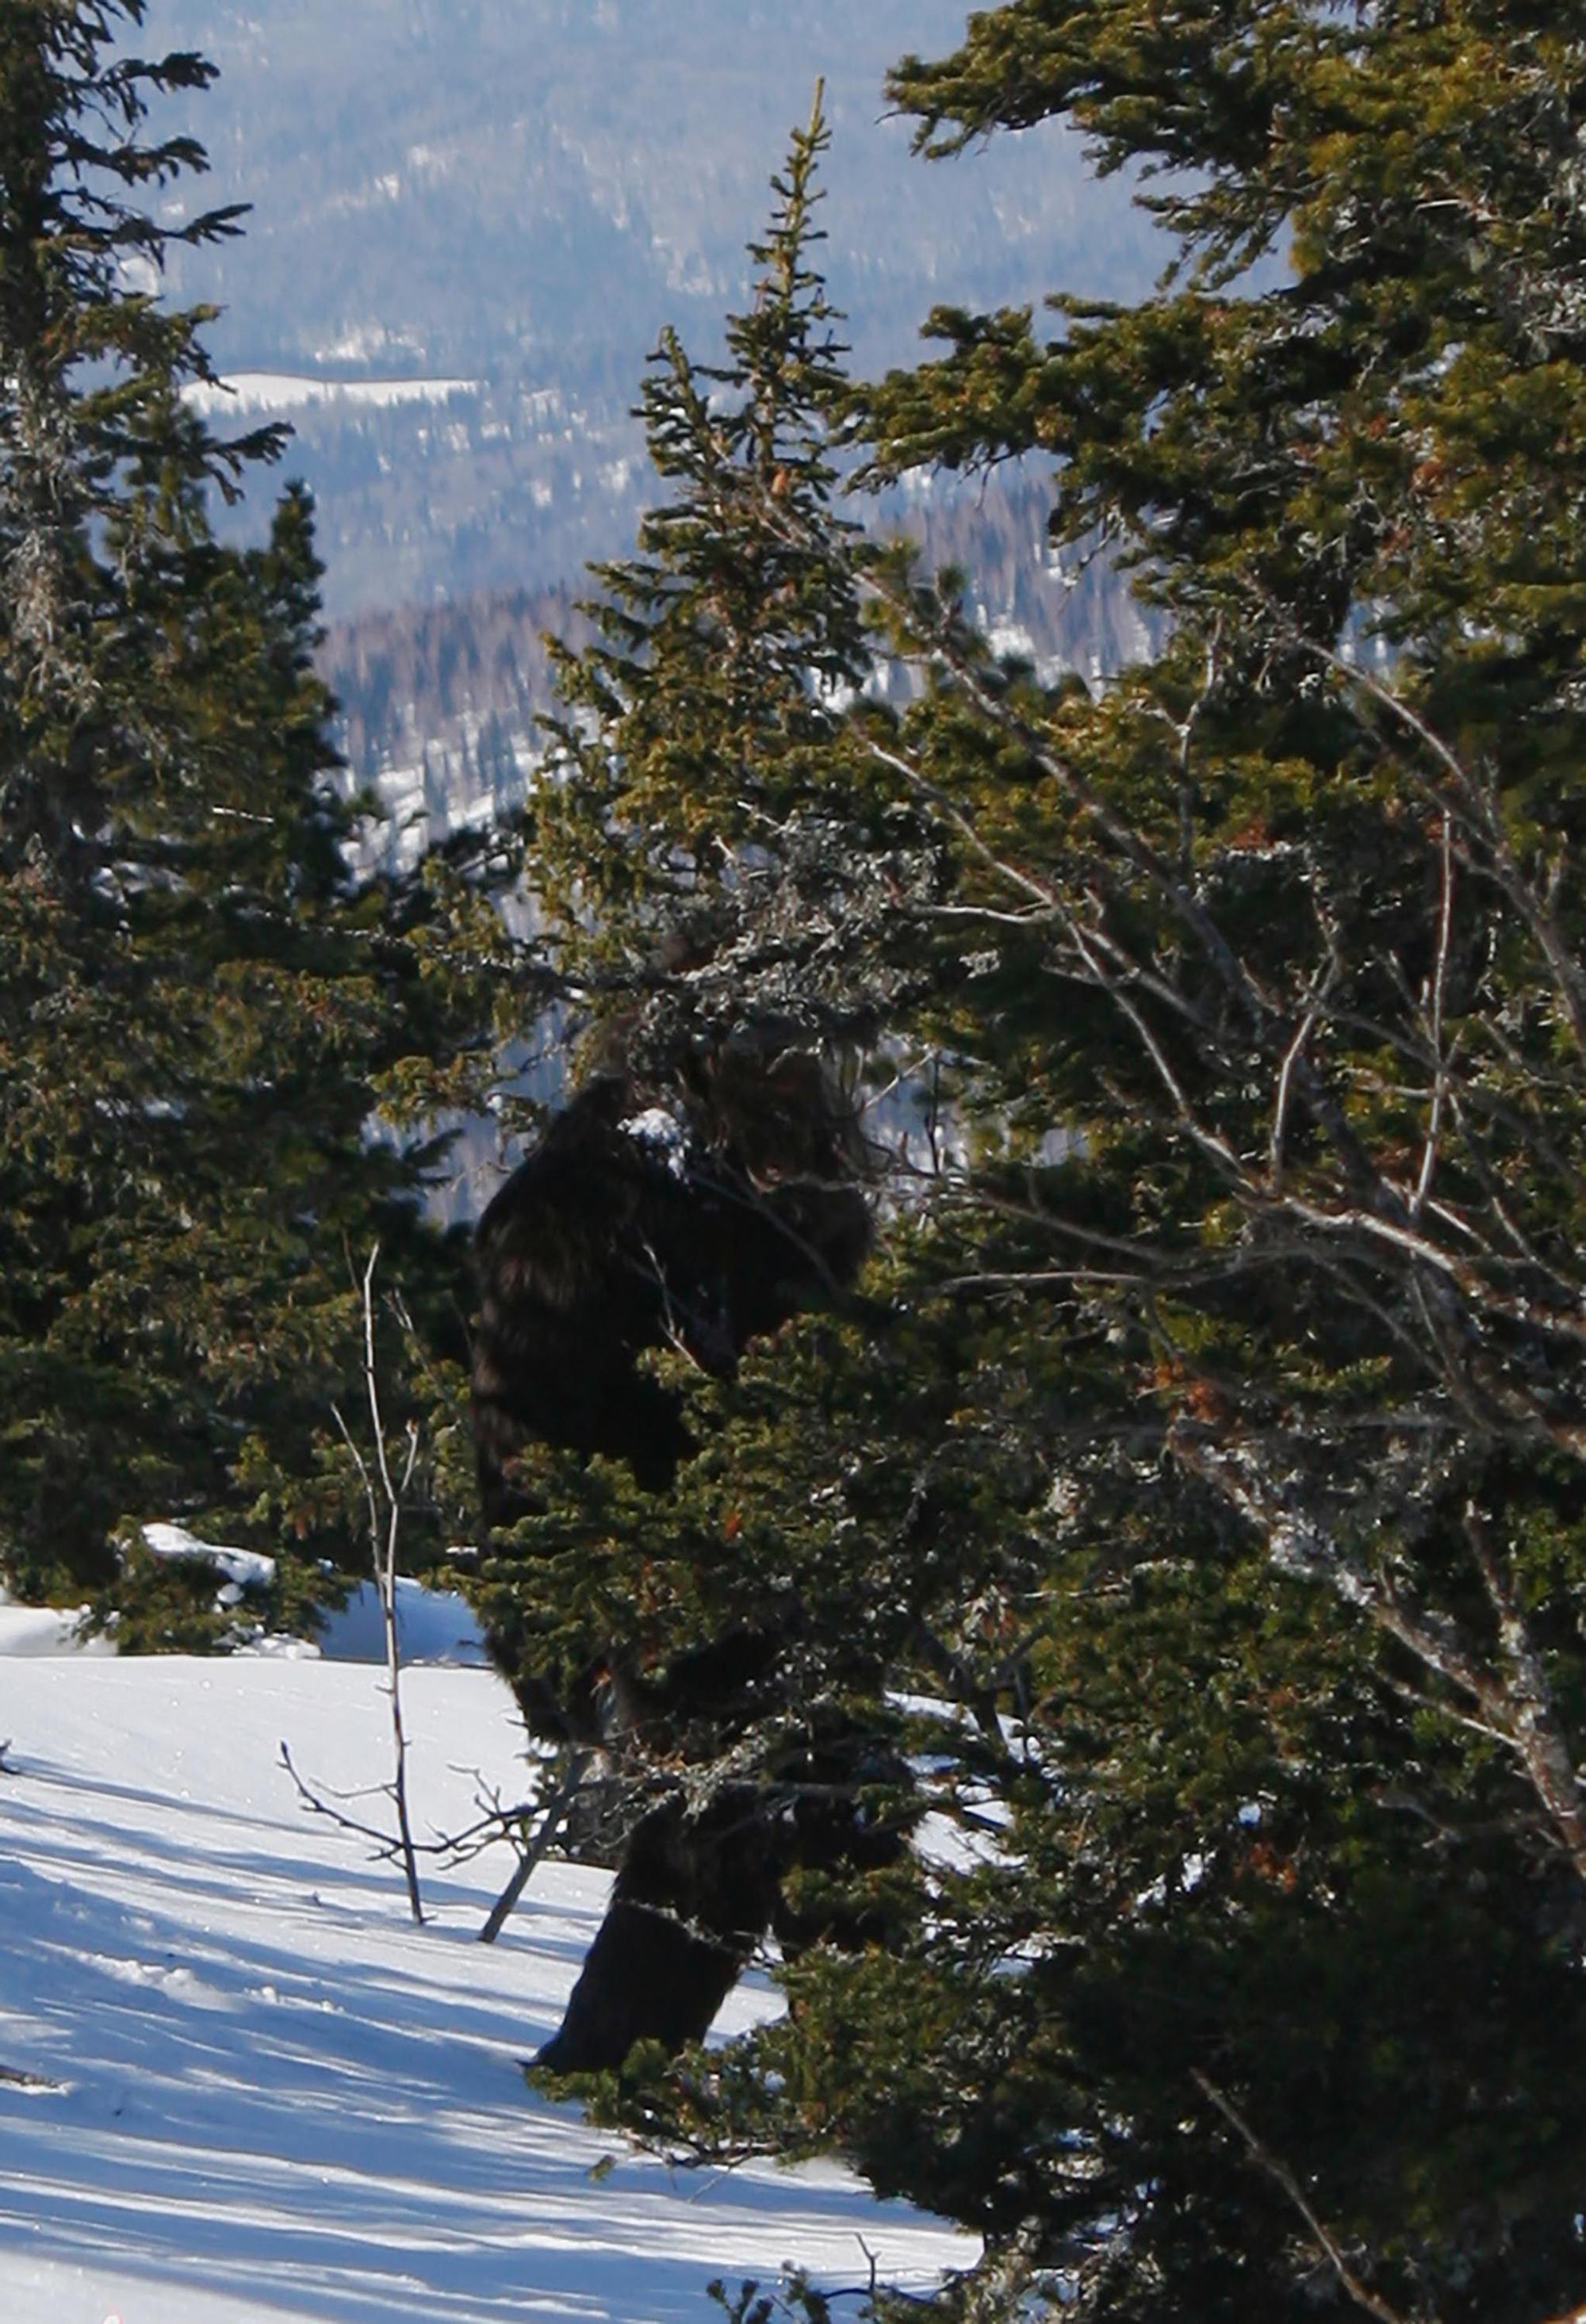 Yeti avistado por Alexander Chudanov em 27 de março de 2011, em Tashtagol, região de Kemerovo